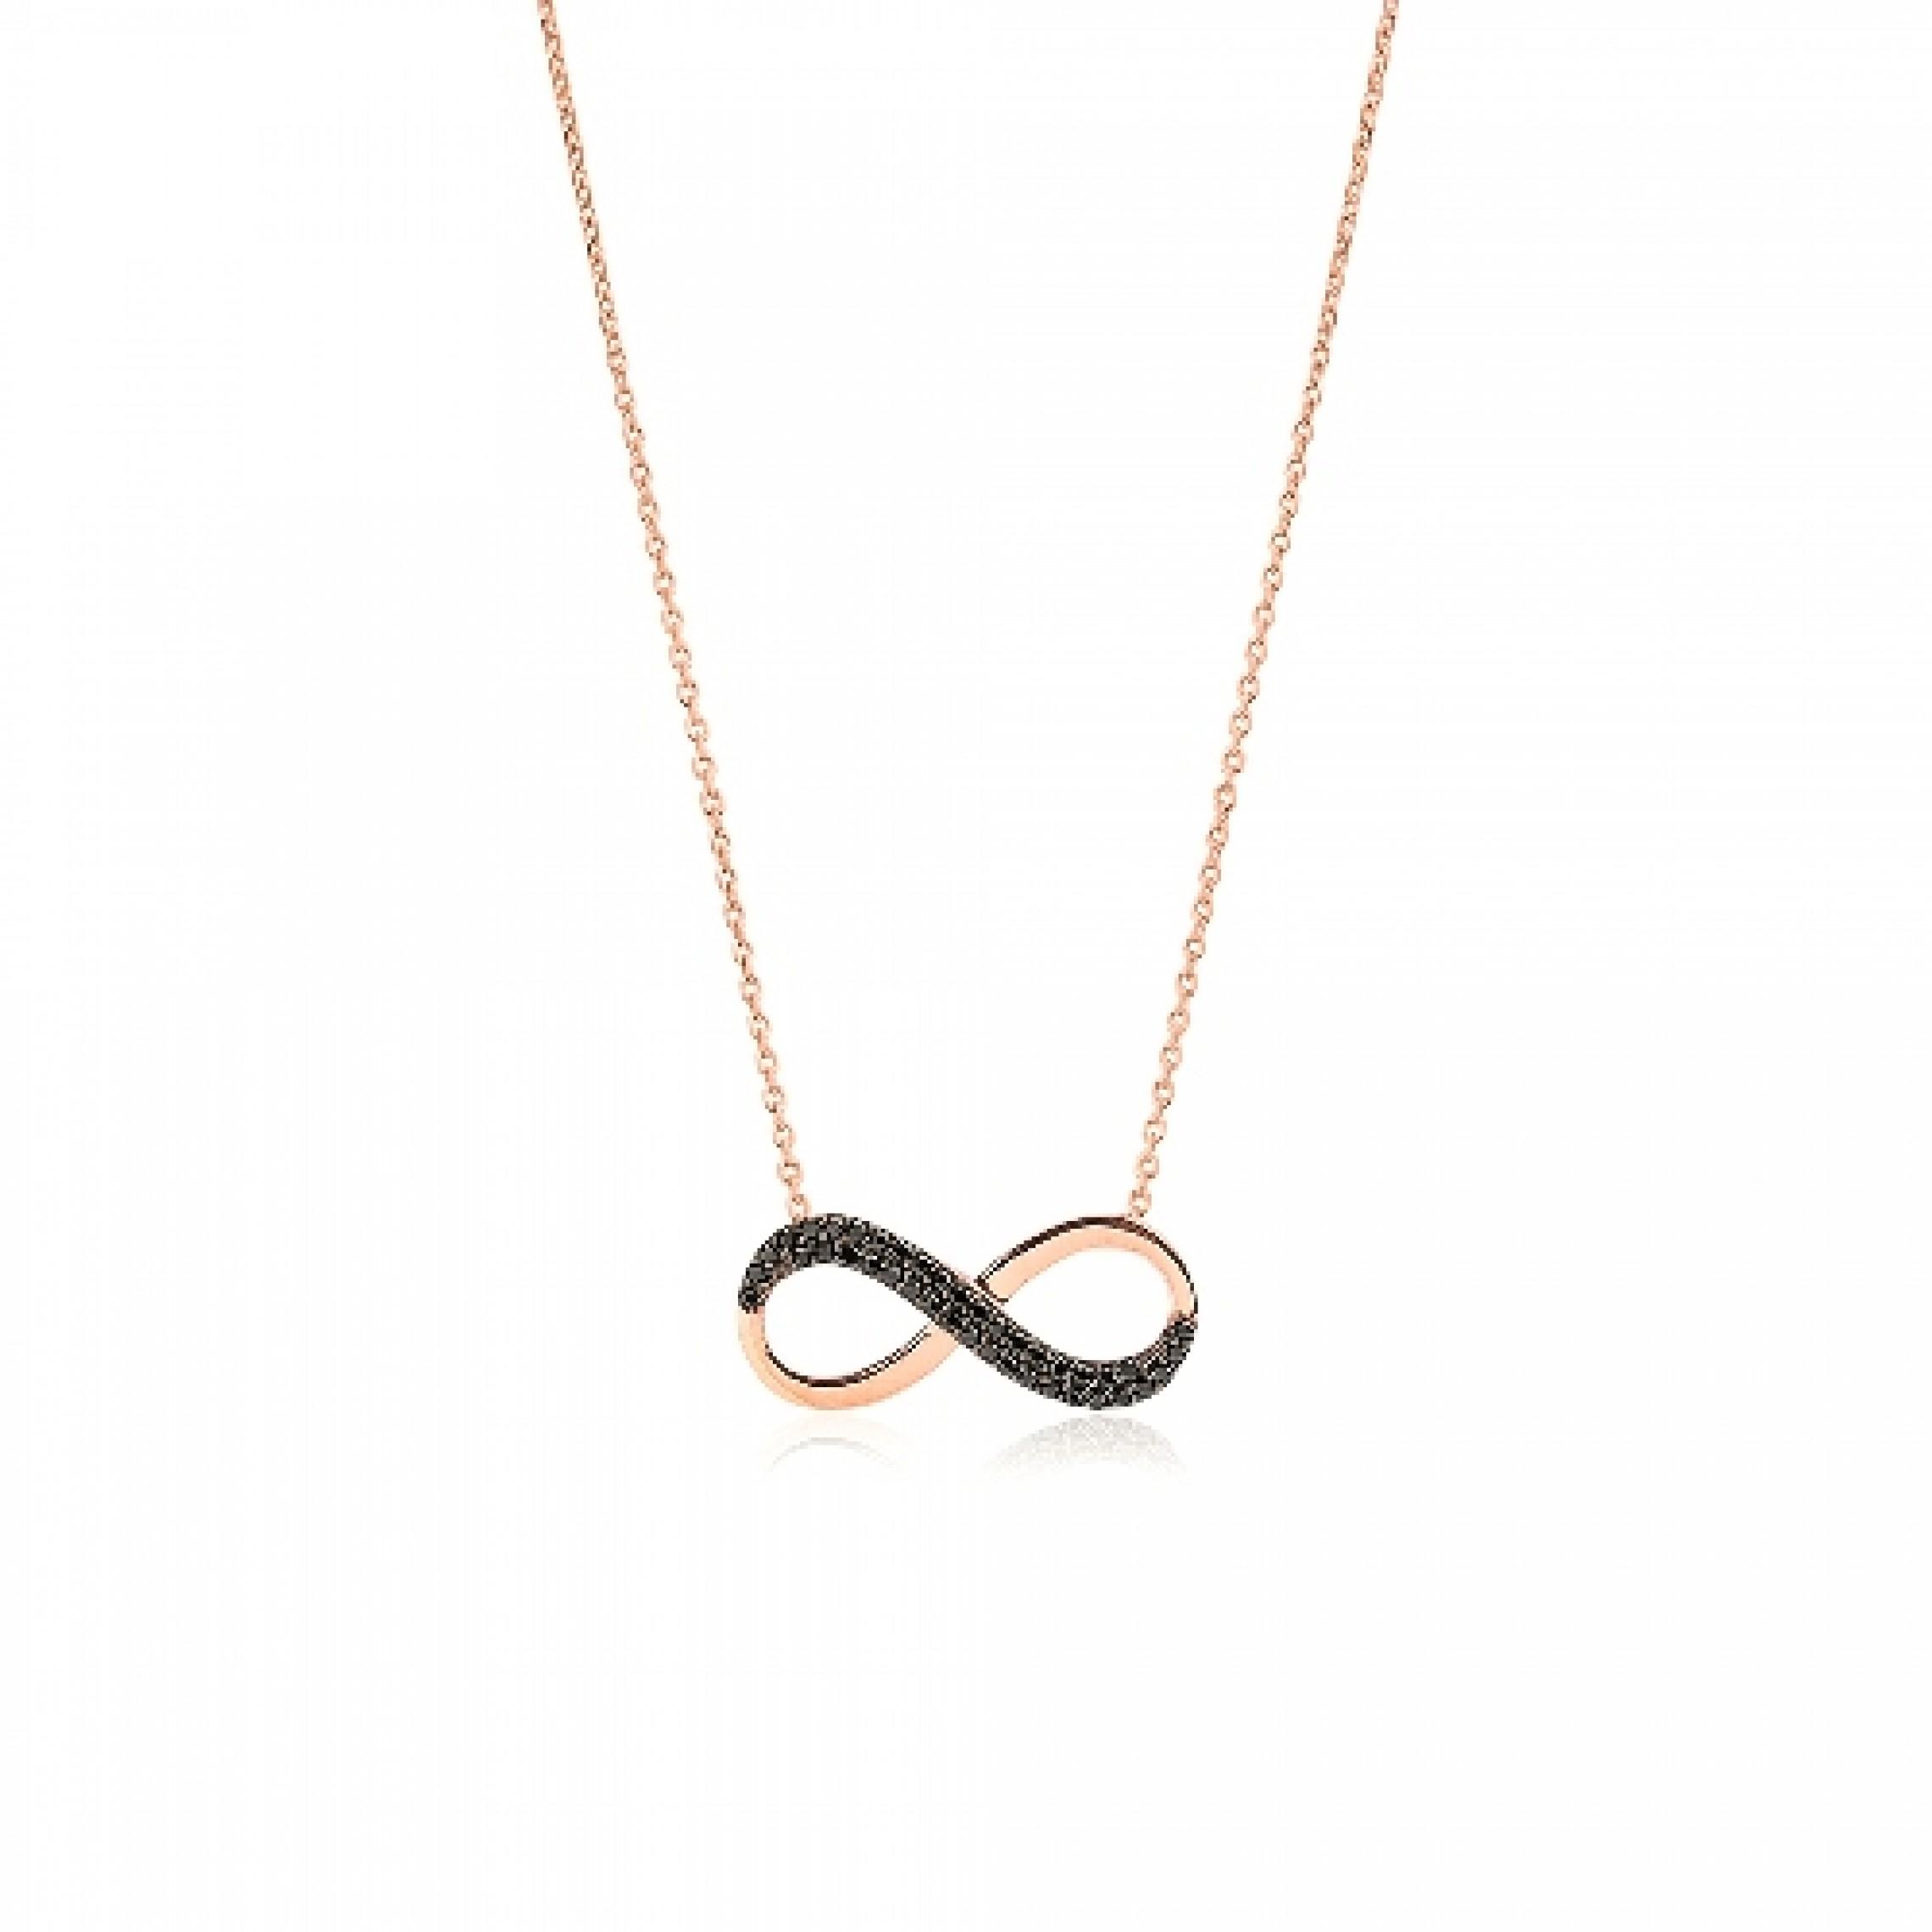 JN-190113 Evil Eye 925 Sterling Silver CZ Necklace Infinity